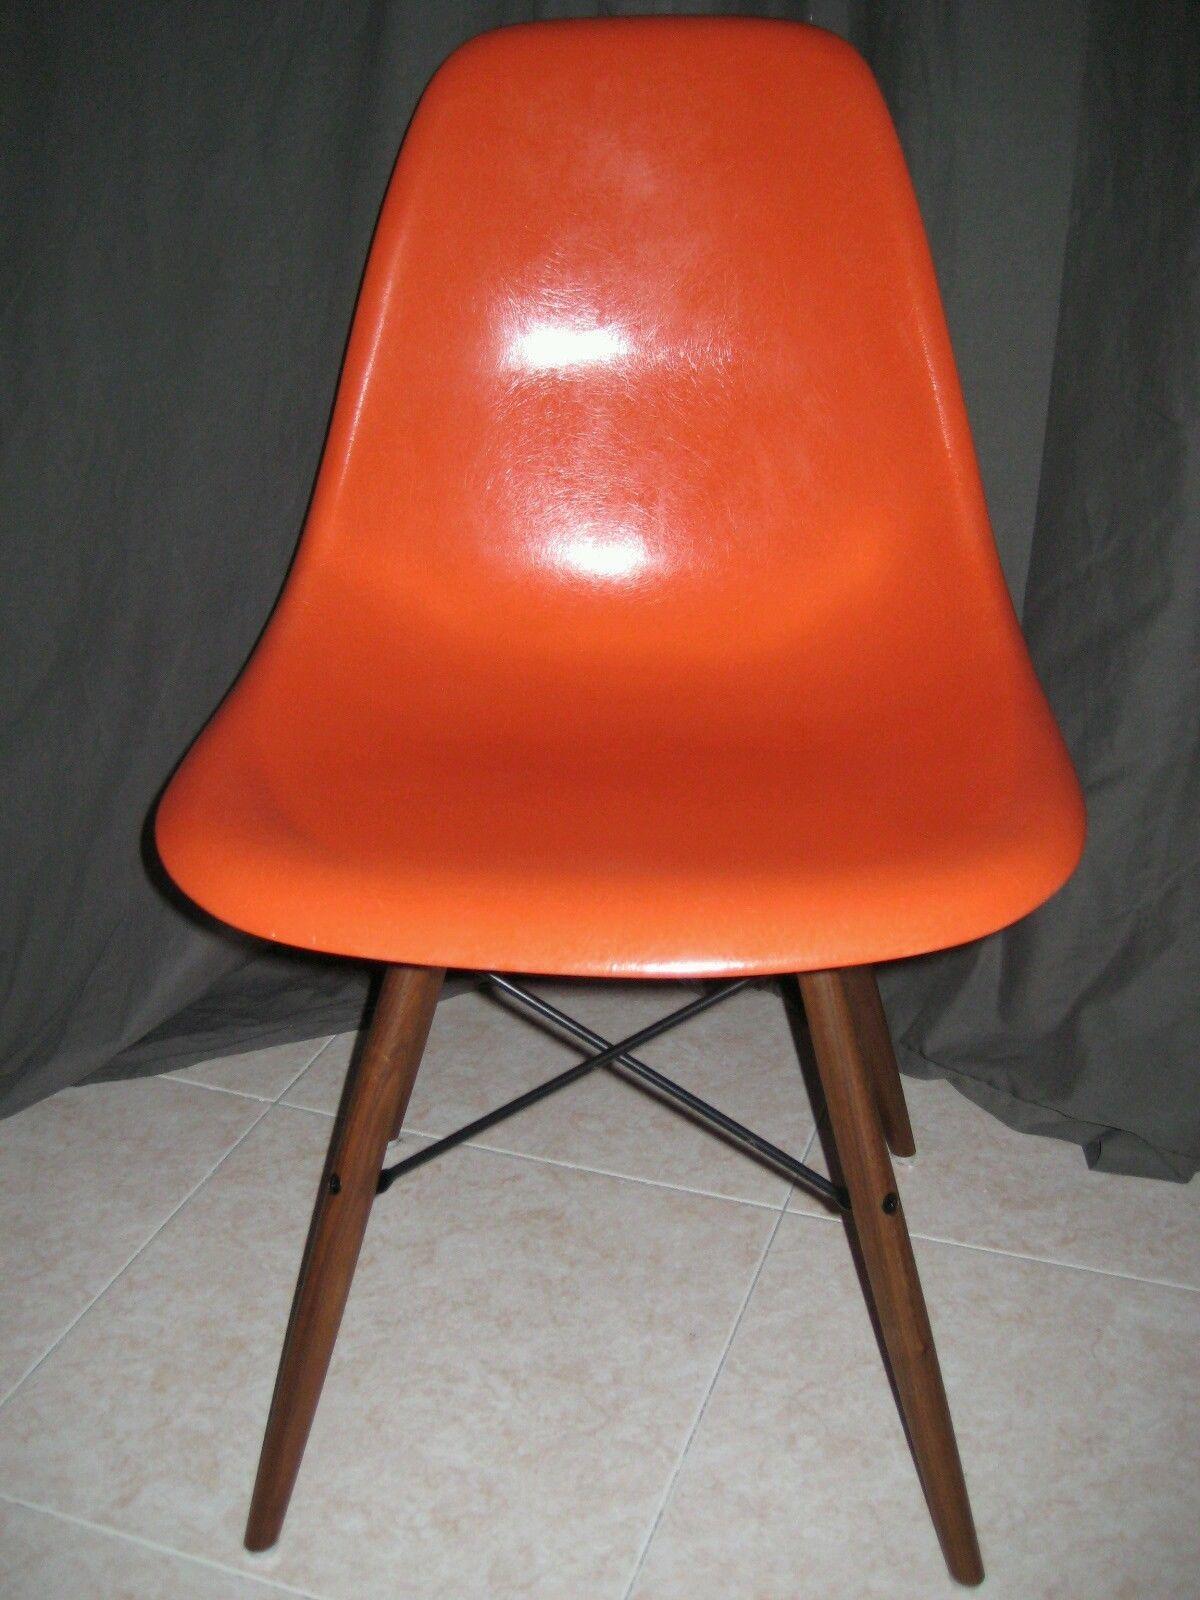 Chaise Charles RAY Eames Coleur Orange Fibre DE Verre Importe USA